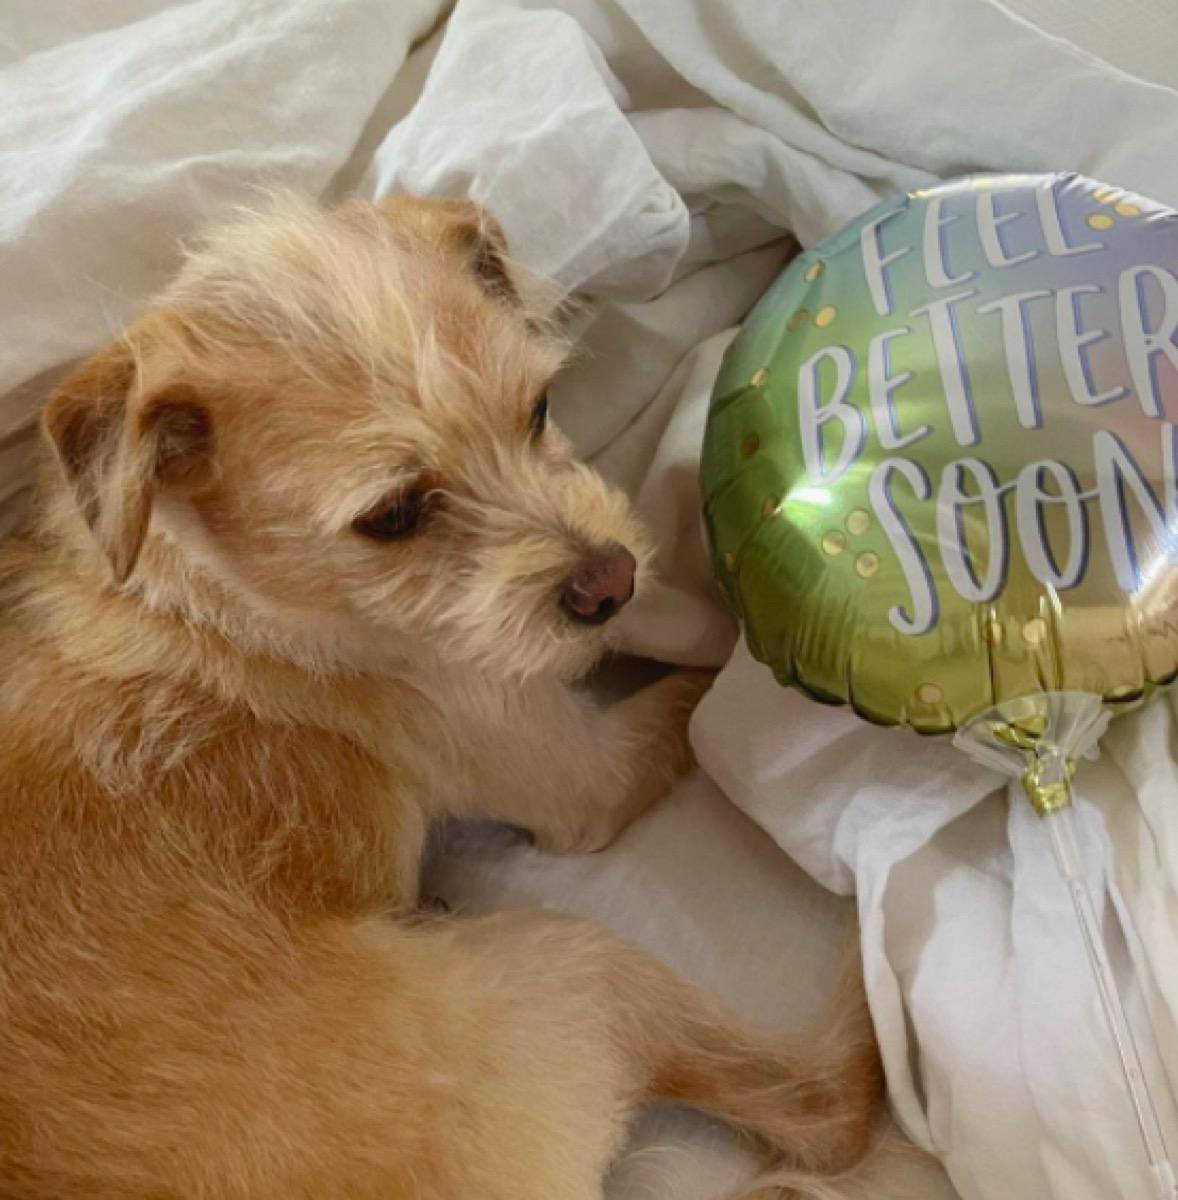 Catt Sadler's dog and balloon